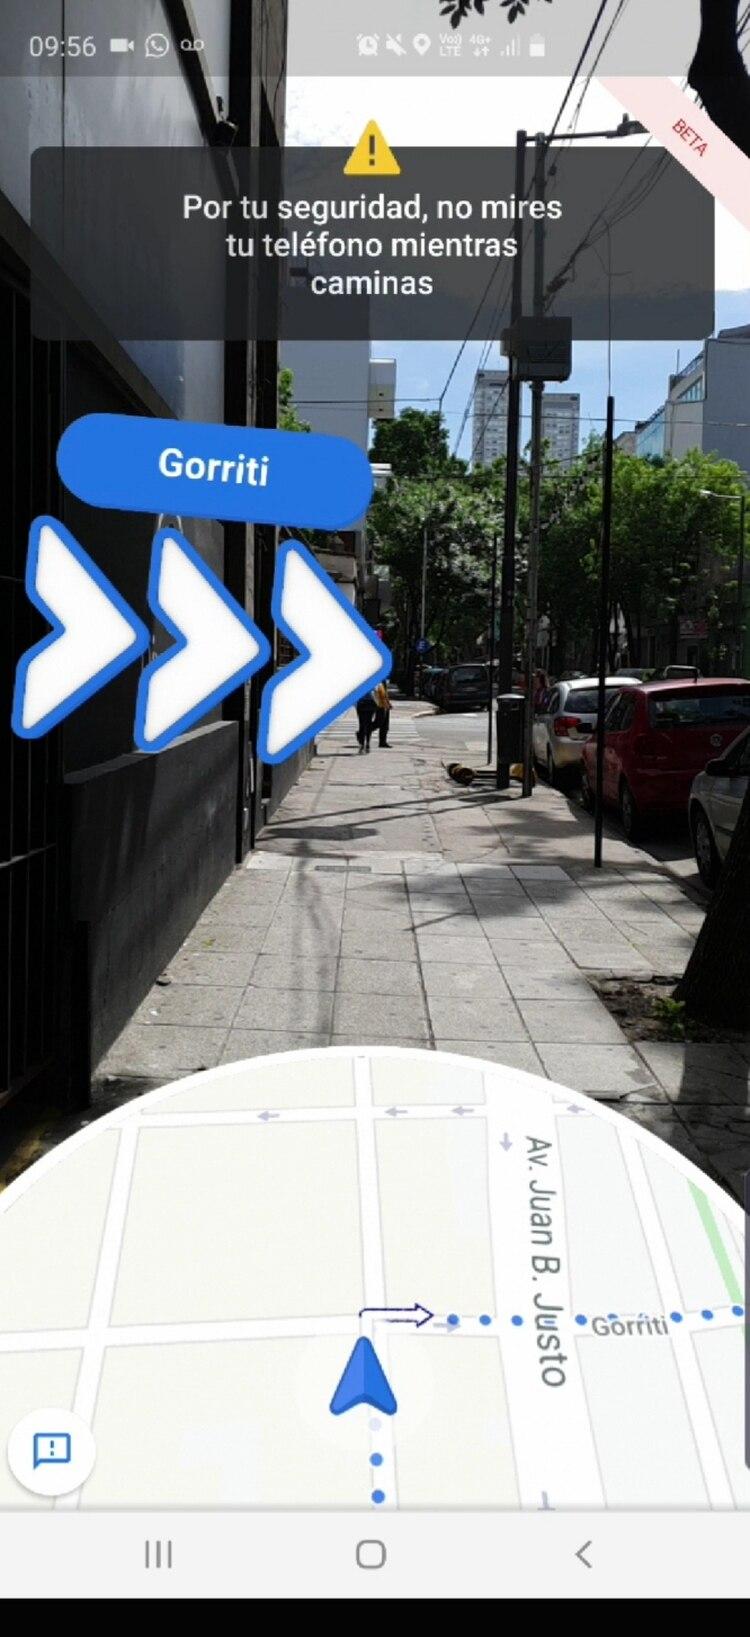 La herramienta de realidad aumentada añade una capa virtual a Google Maps.